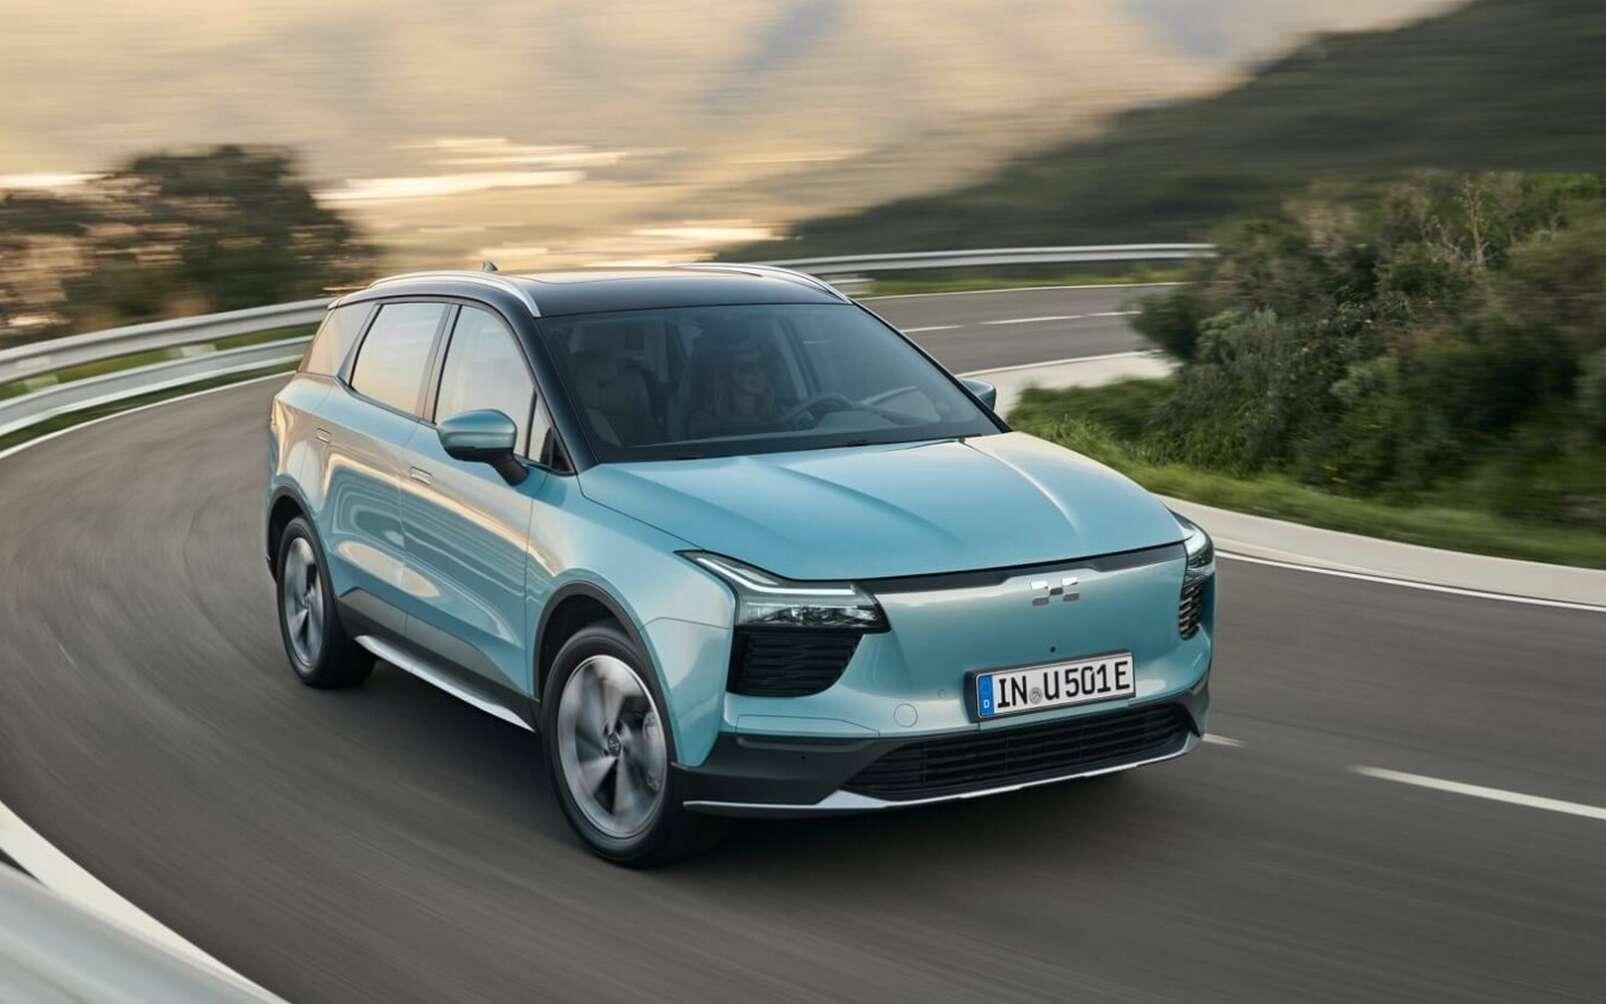 Aiways va s'attaquer au marché européen avec son SUV électrique U5 qui promet un tarif très agressif pour cette catégorie. © Aiways